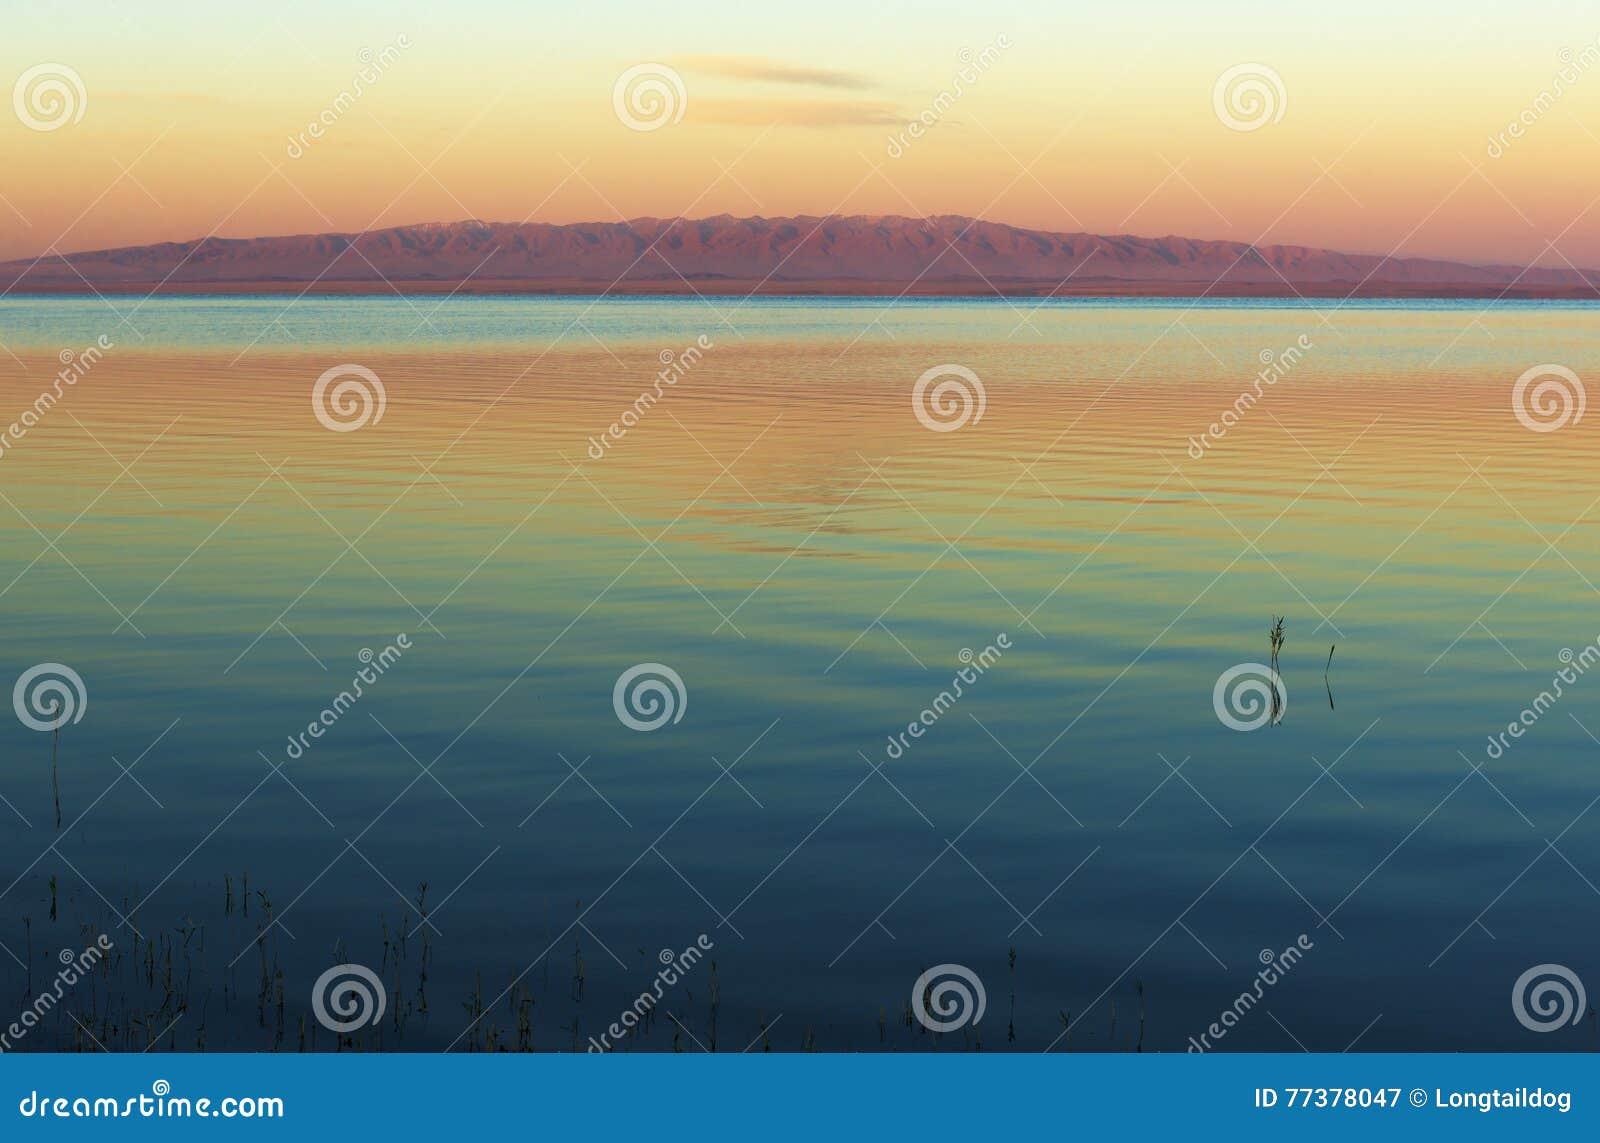 Mongools landschap met meer en bergen